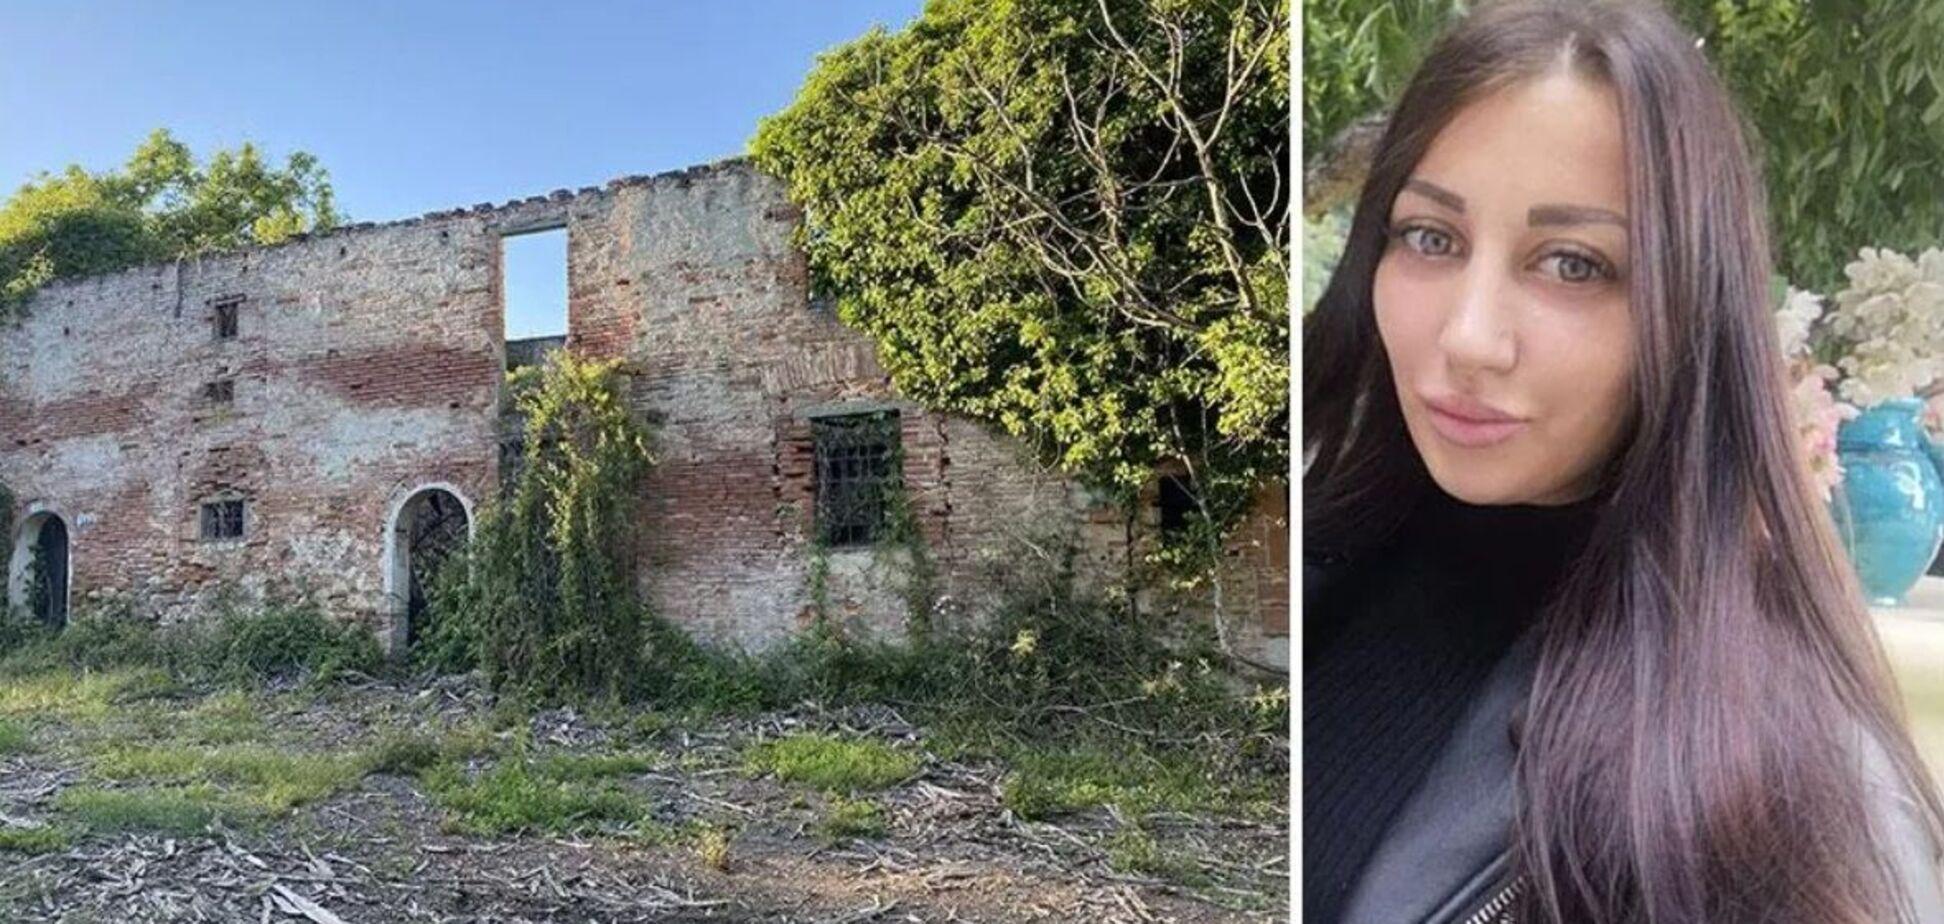 В Италии нашли мертвой украинку, которую искали полгода. Фото